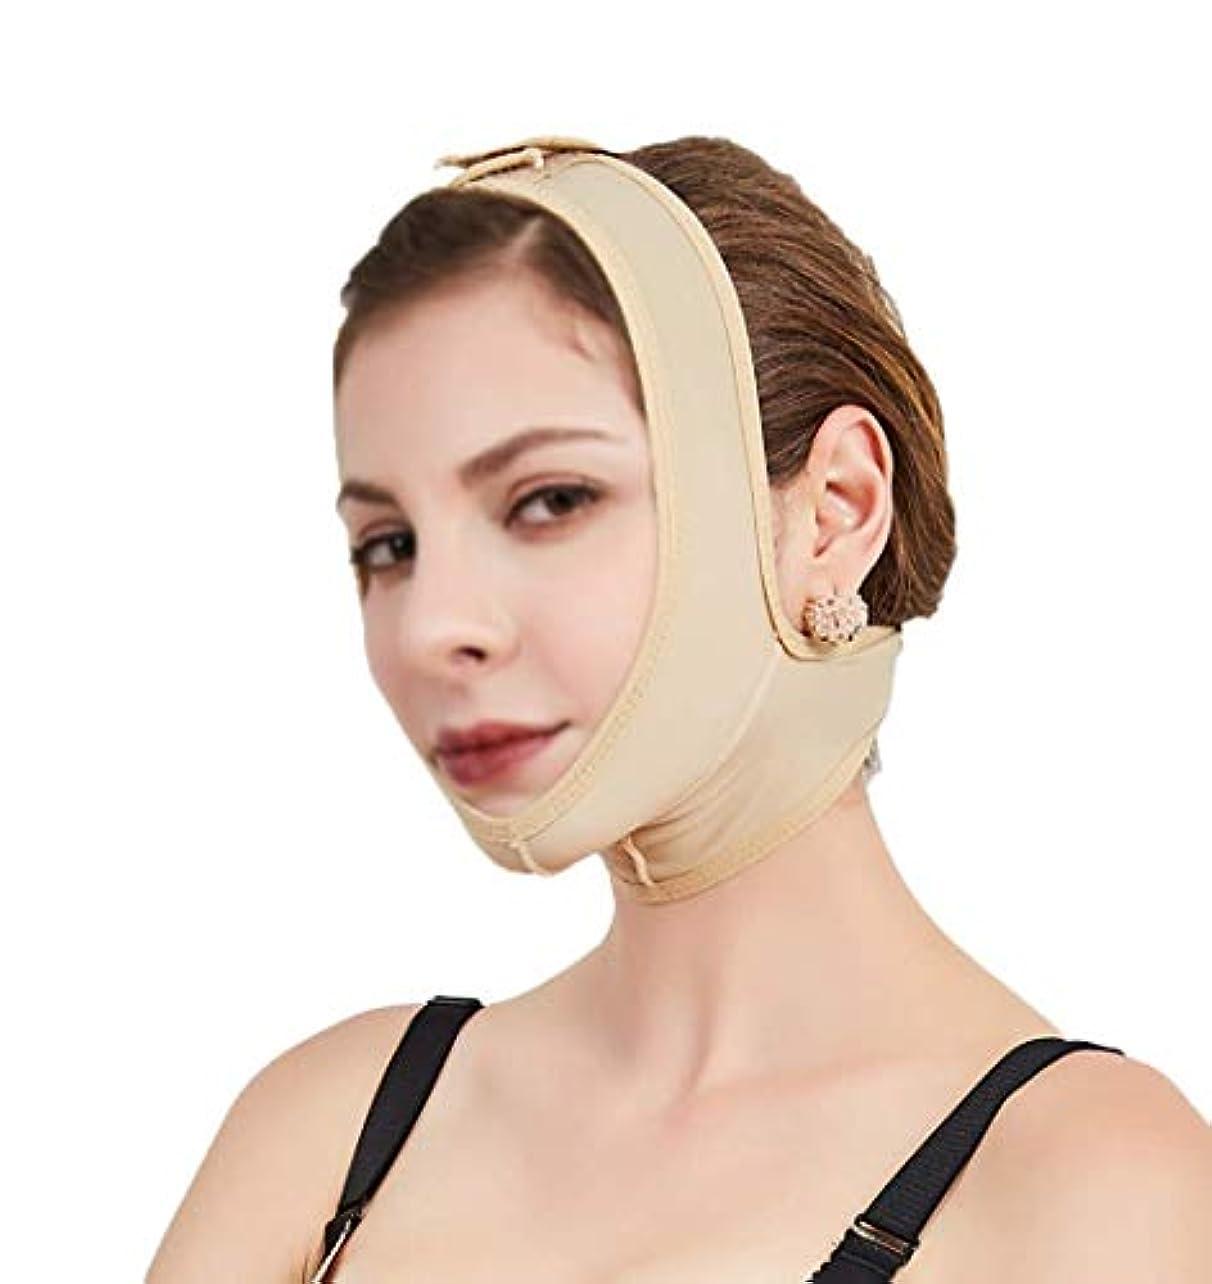 スラッシュデッド大陸フェイスアンドネックリフトポストエラスティックスリーブ下顎骨セットフェイスアーティファクトVフェイスフェイシャルフェイスバンドルダブルチンマスク(サイズ:L)